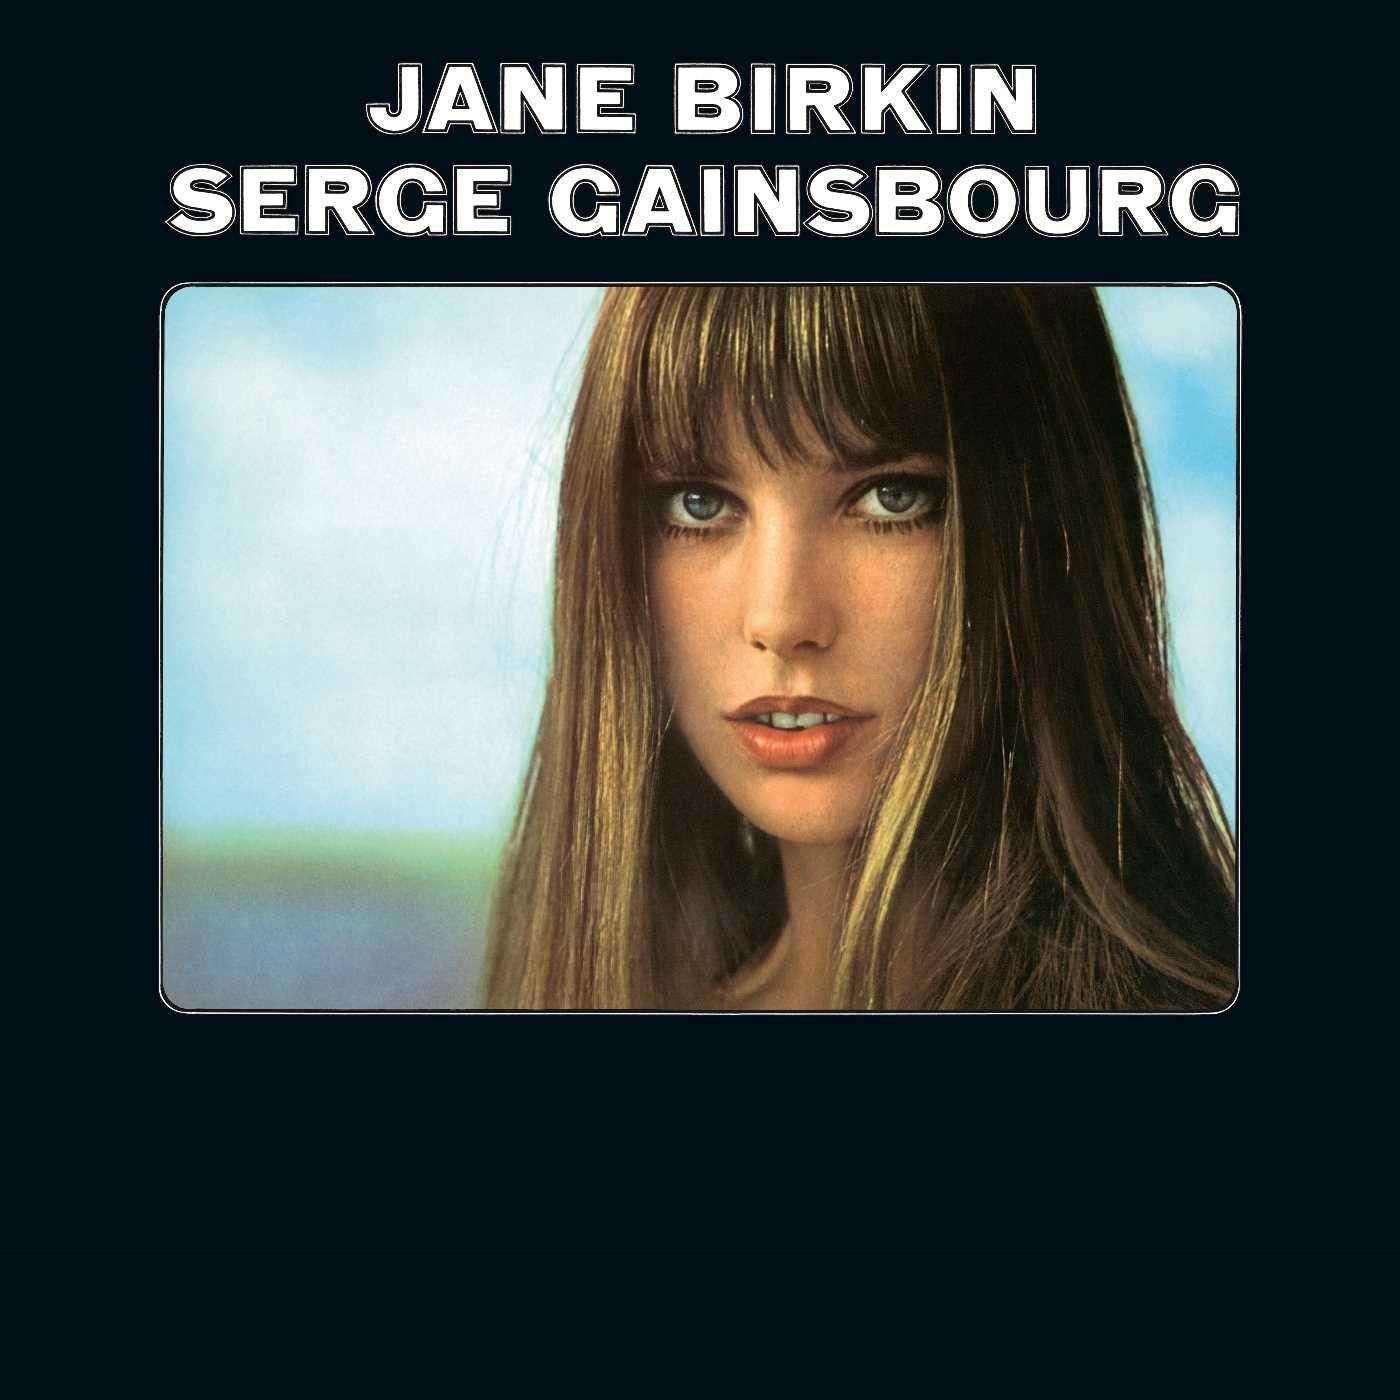 Jane Birkin dieulois